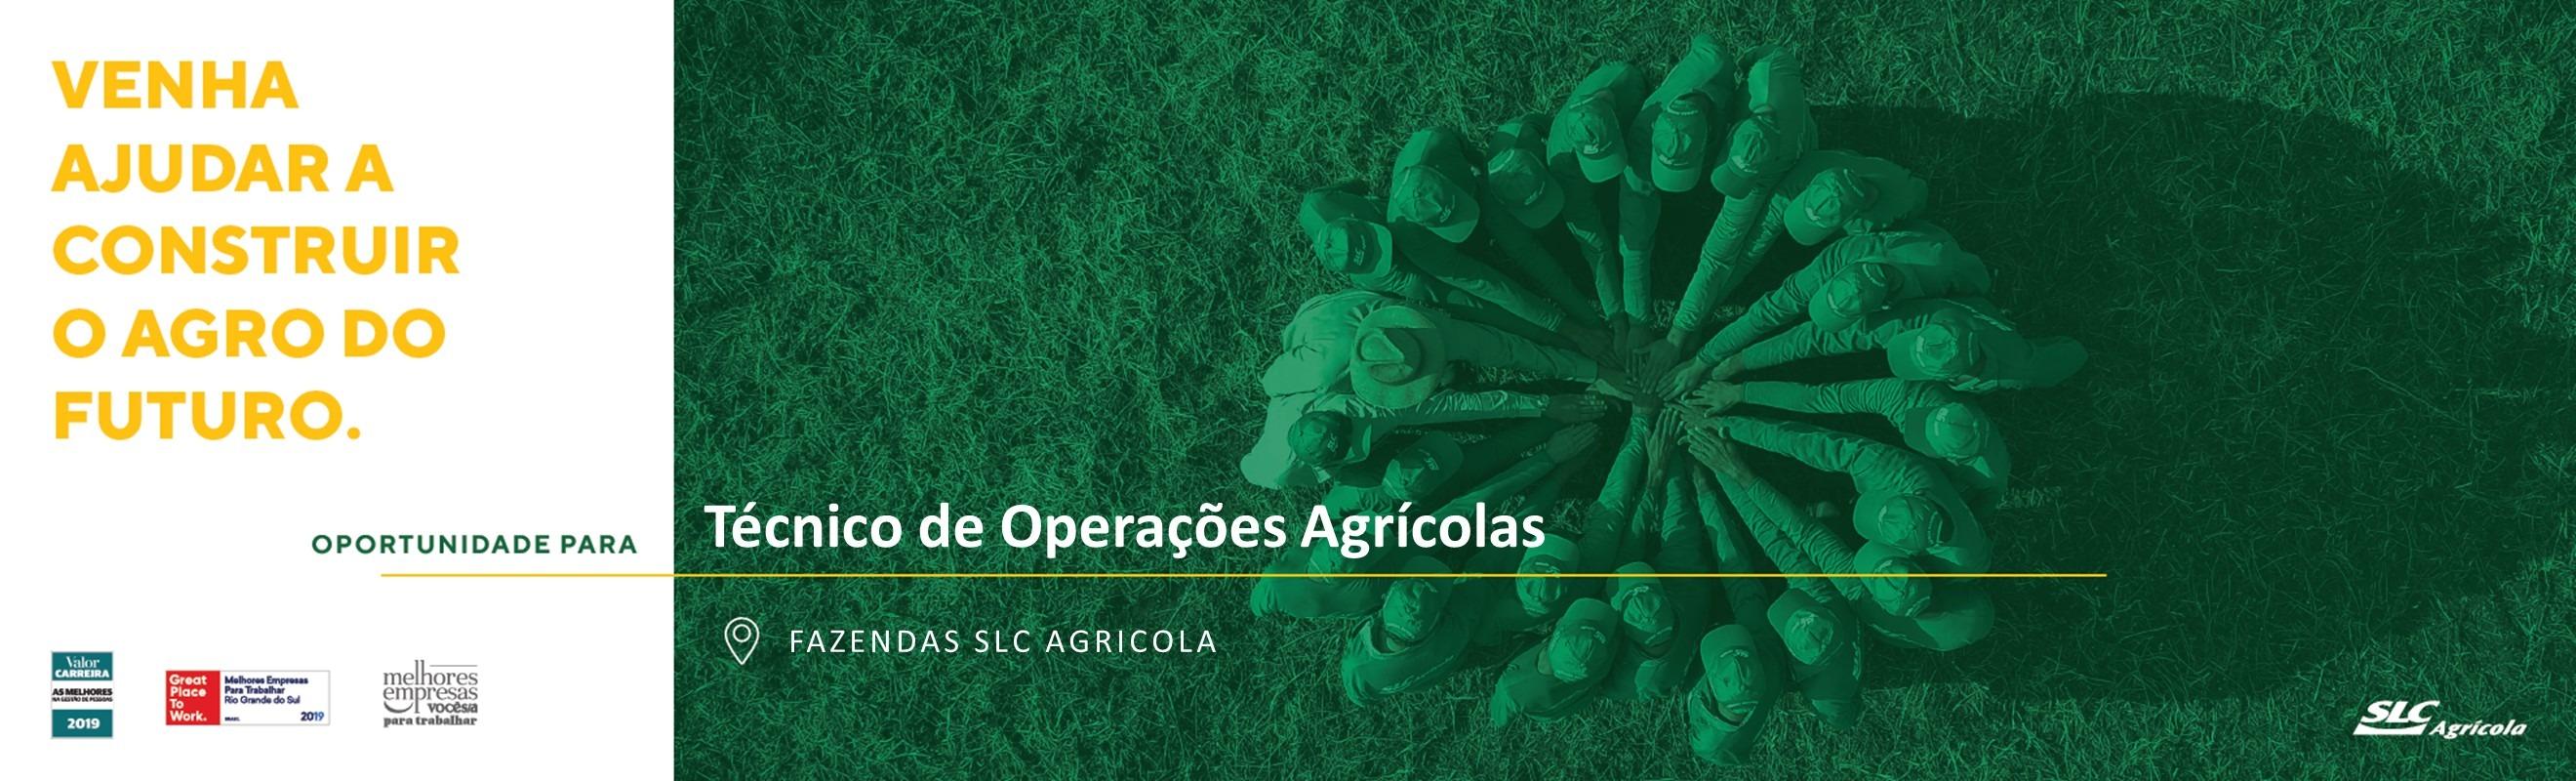 Técnico de Operações Agrícolas